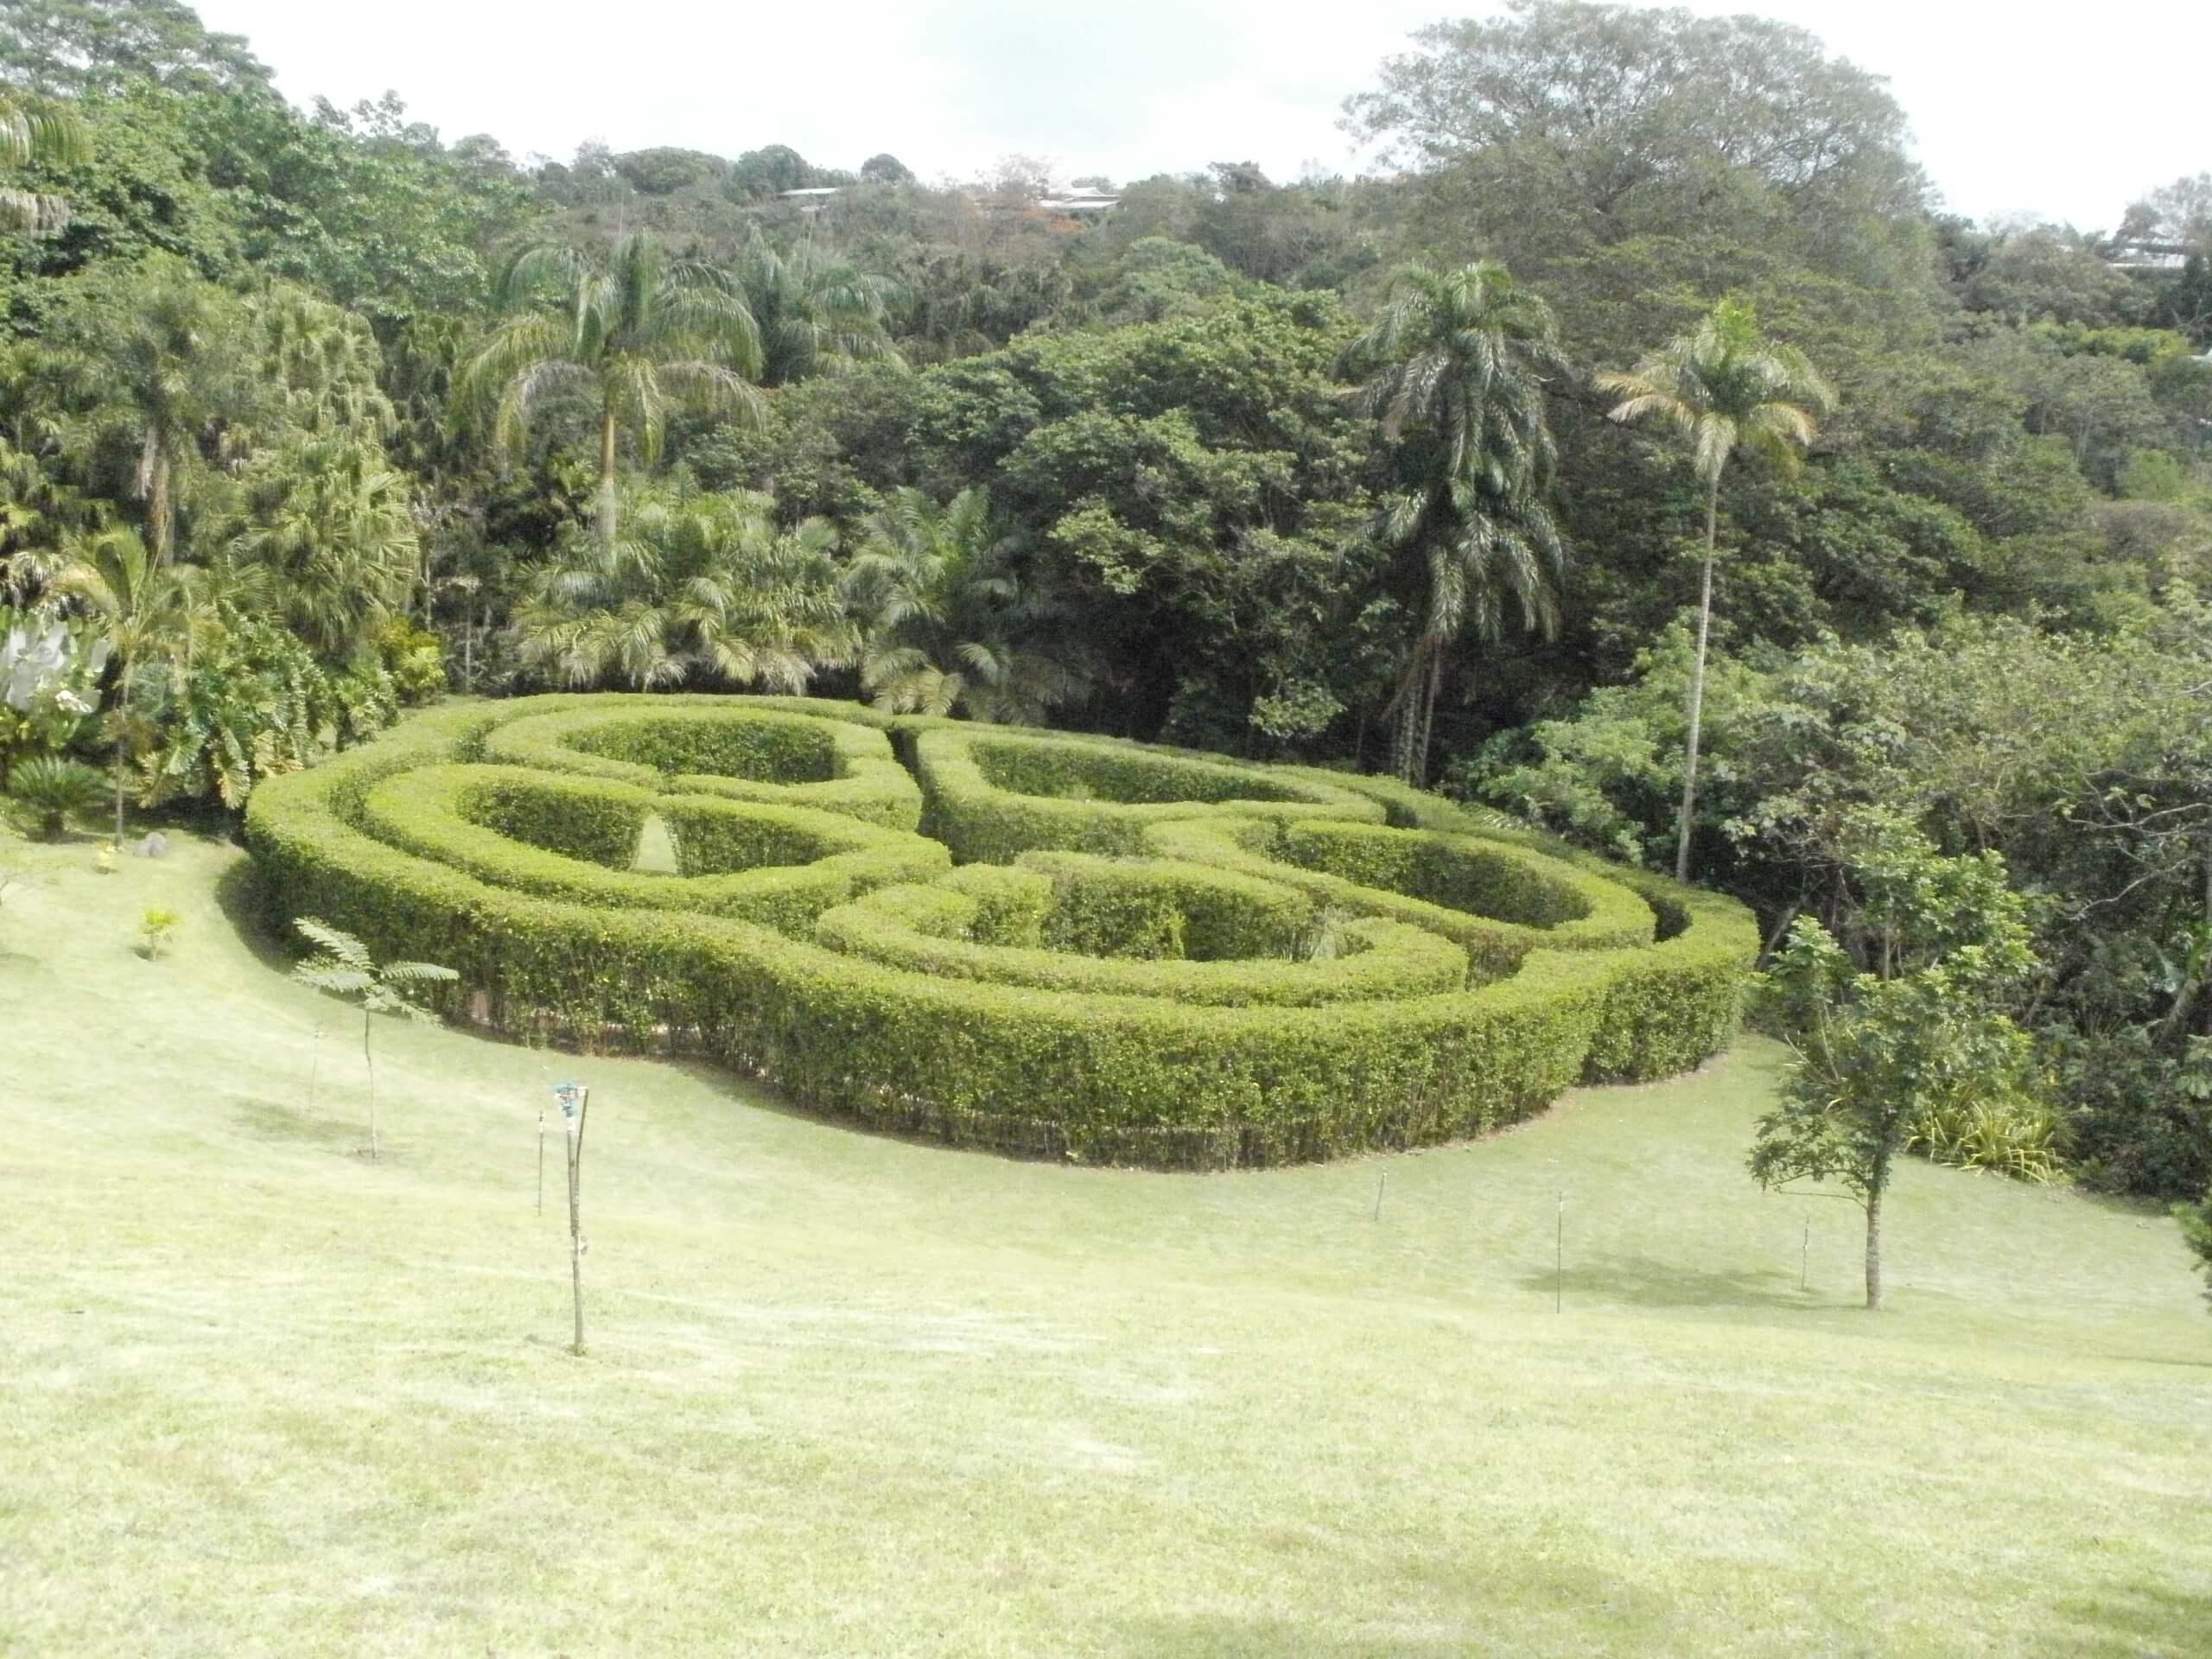 jardin-botanico-else-kientzler